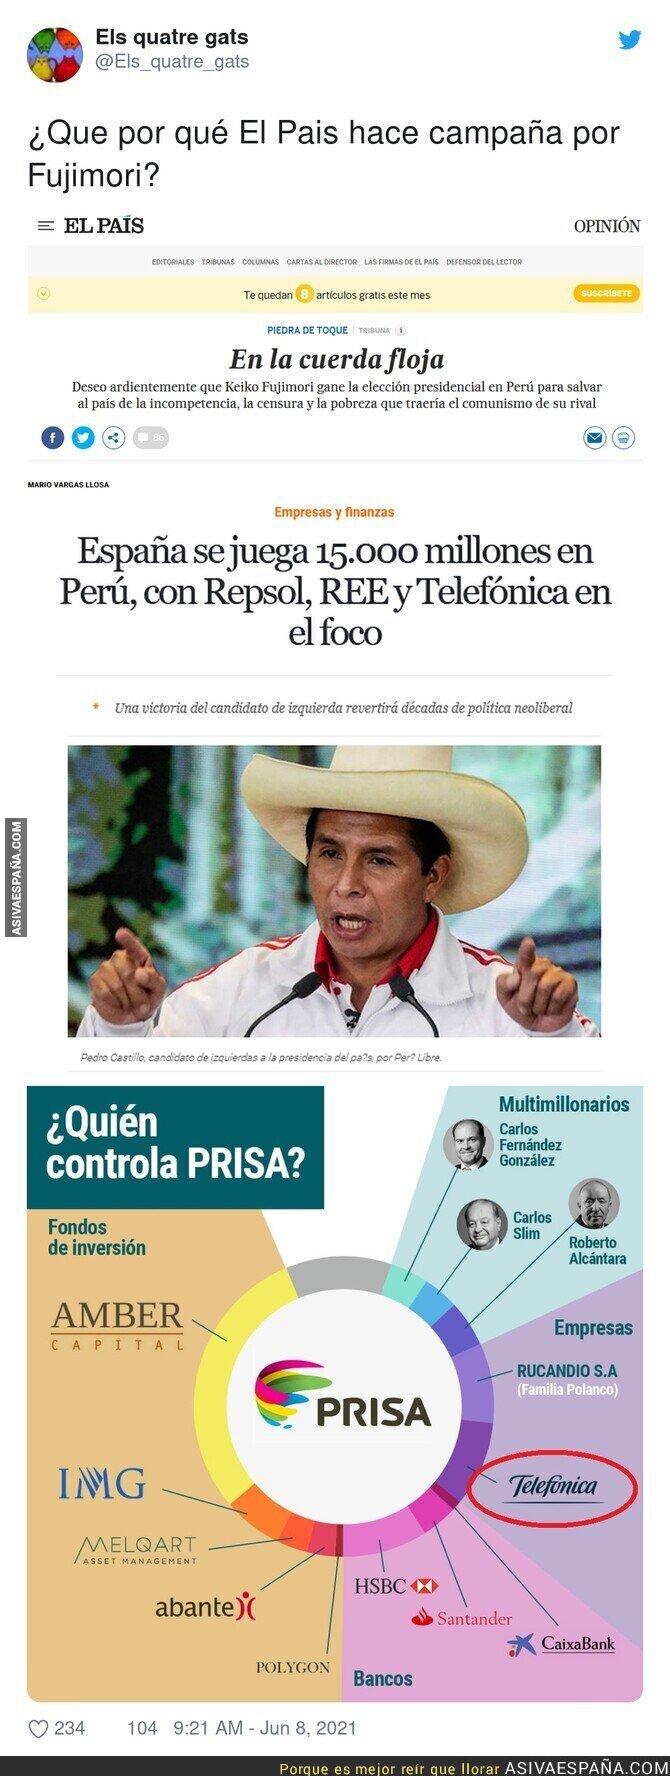 790977 - 'El País' y sus preferencias en Perú